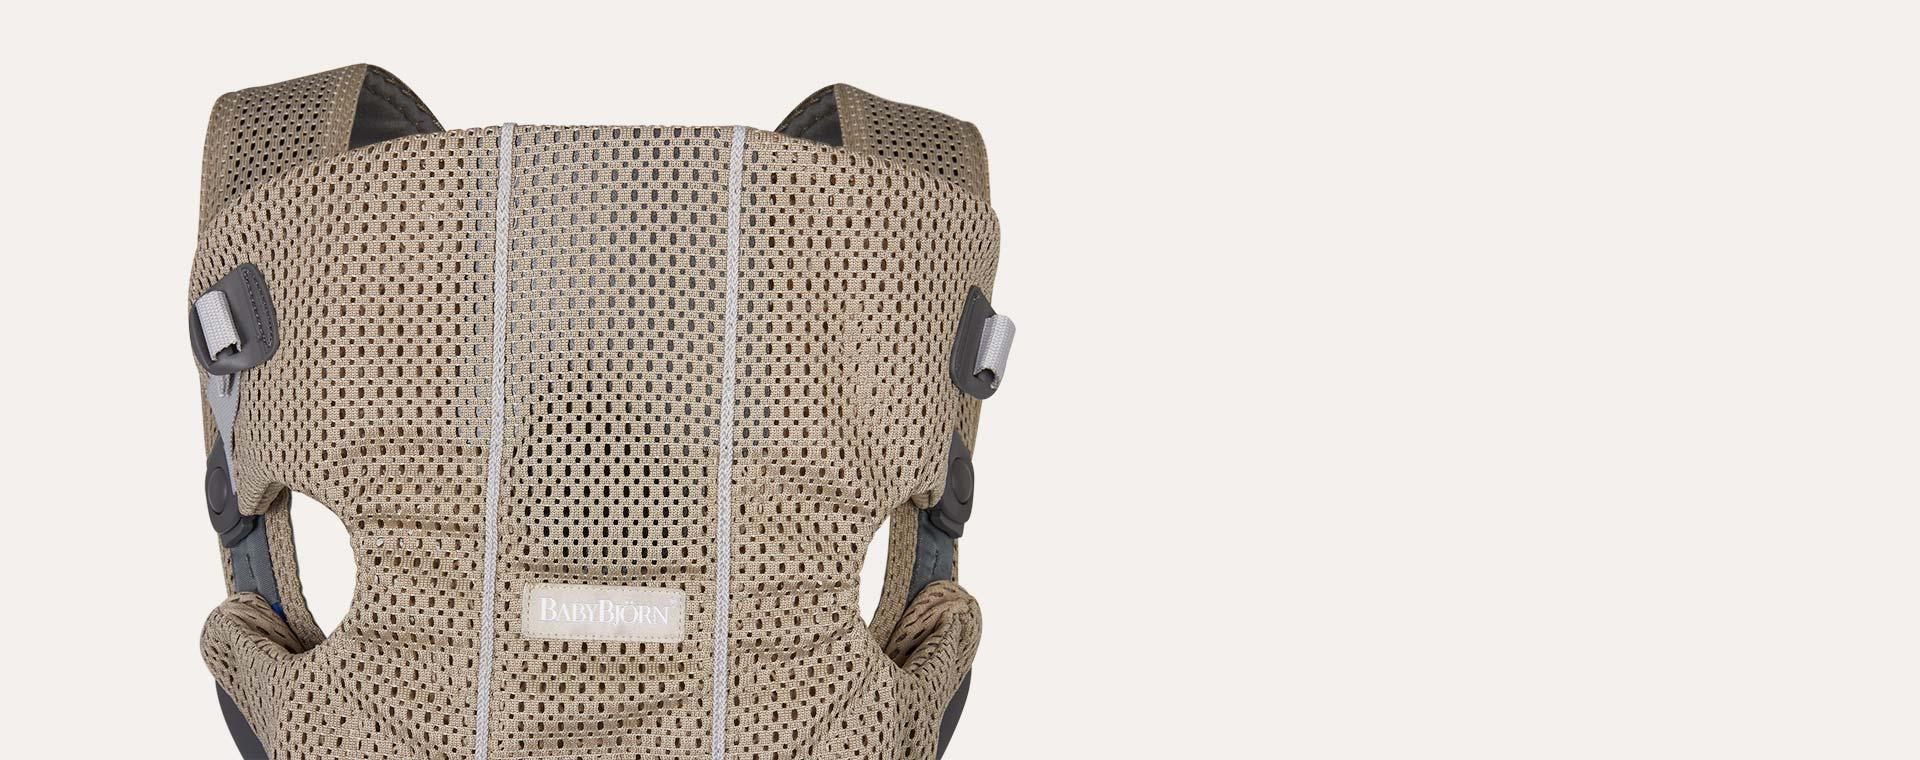 Greige BabyBjorn Mini 3D Mesh Carrier